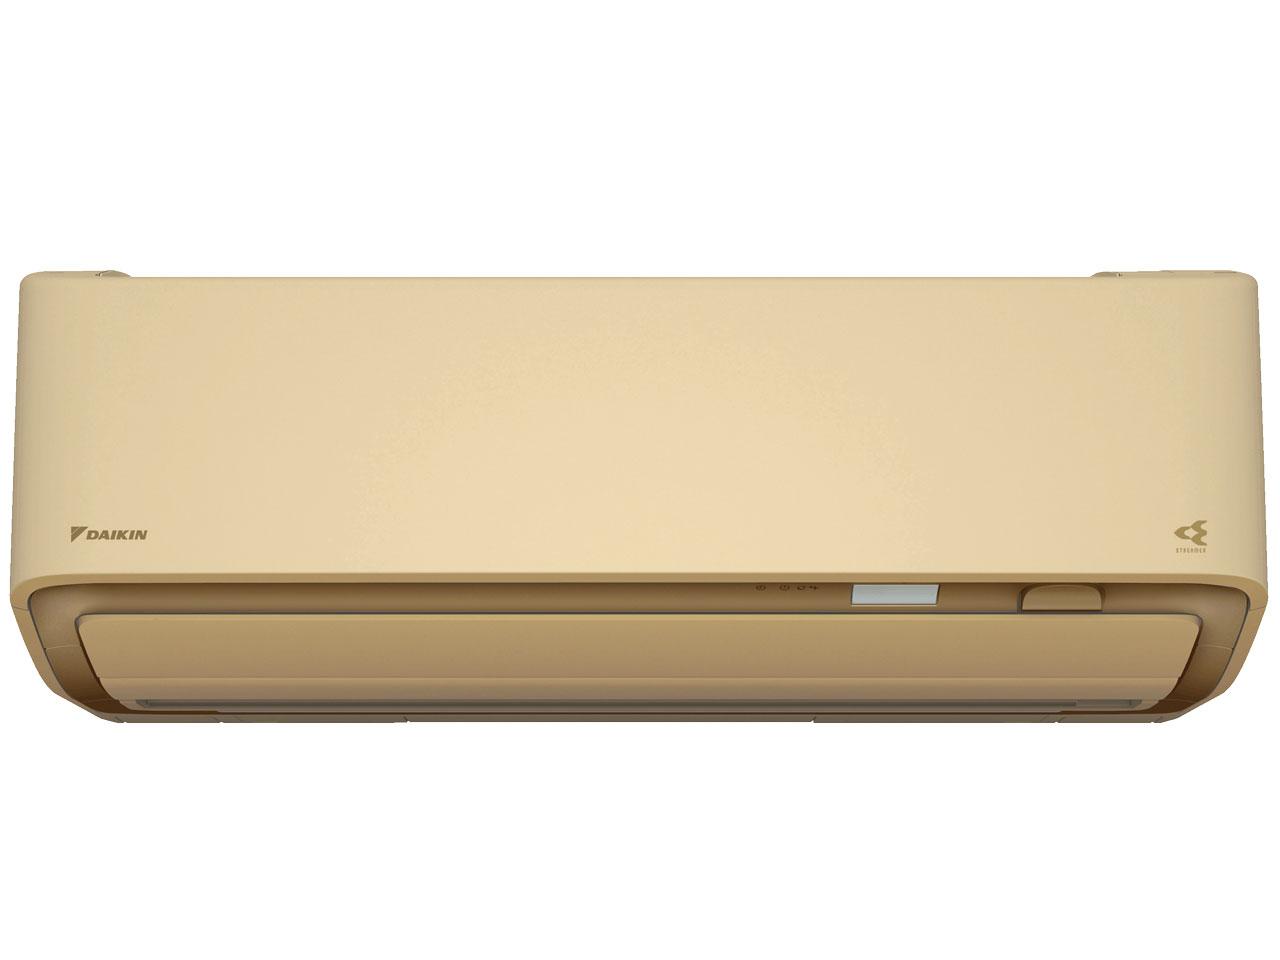 ダイキン 19年モデル AXシリーズ S28WTAXS-C 【100V用】10畳用冷暖房除湿エアコン